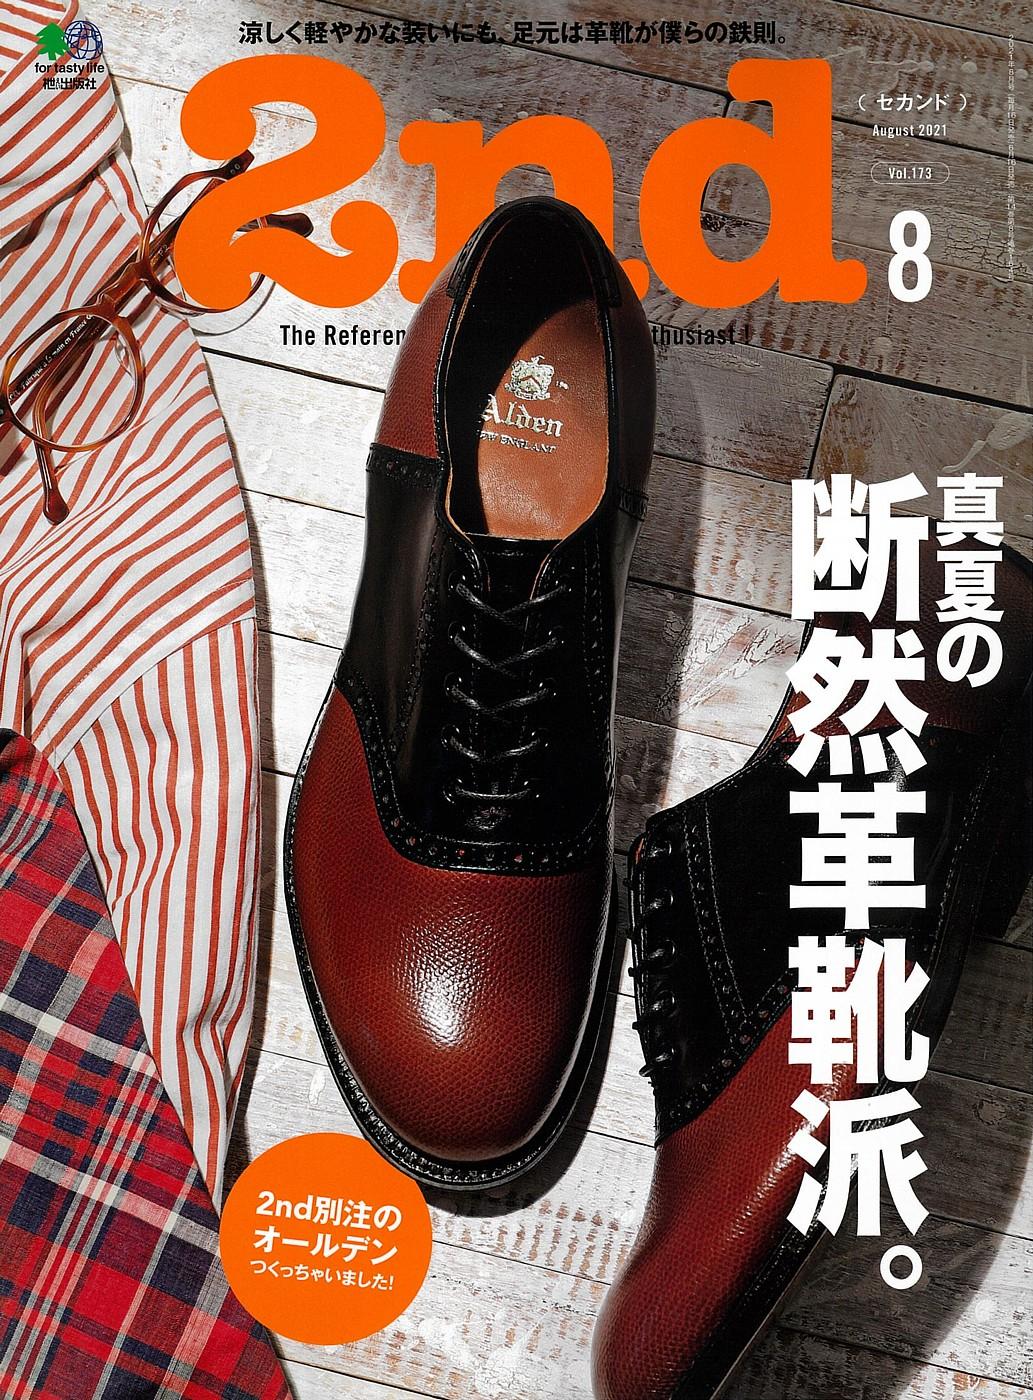 6/16 発売の雑誌【2nd 】に掲載されました。